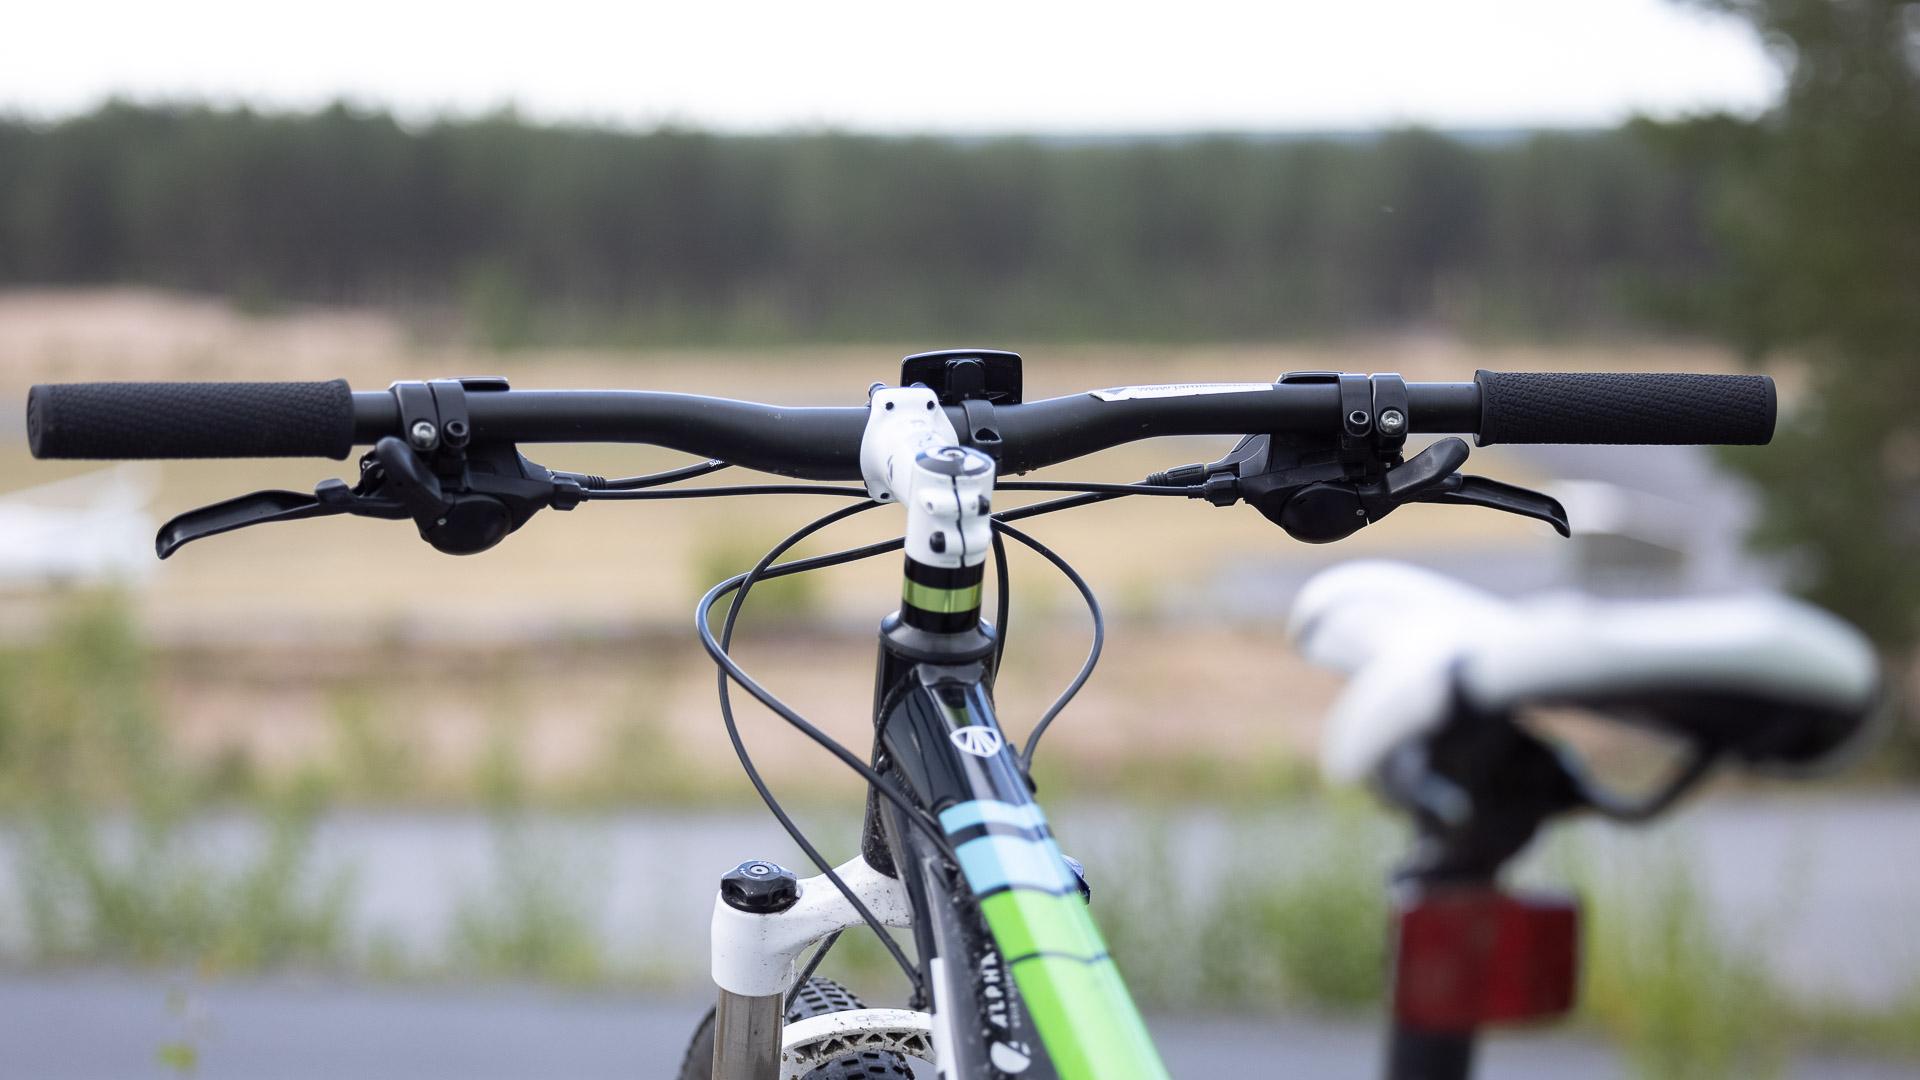 TREK XCALIBER 7 Maastopyörä ohjaustanko Jämikeskus